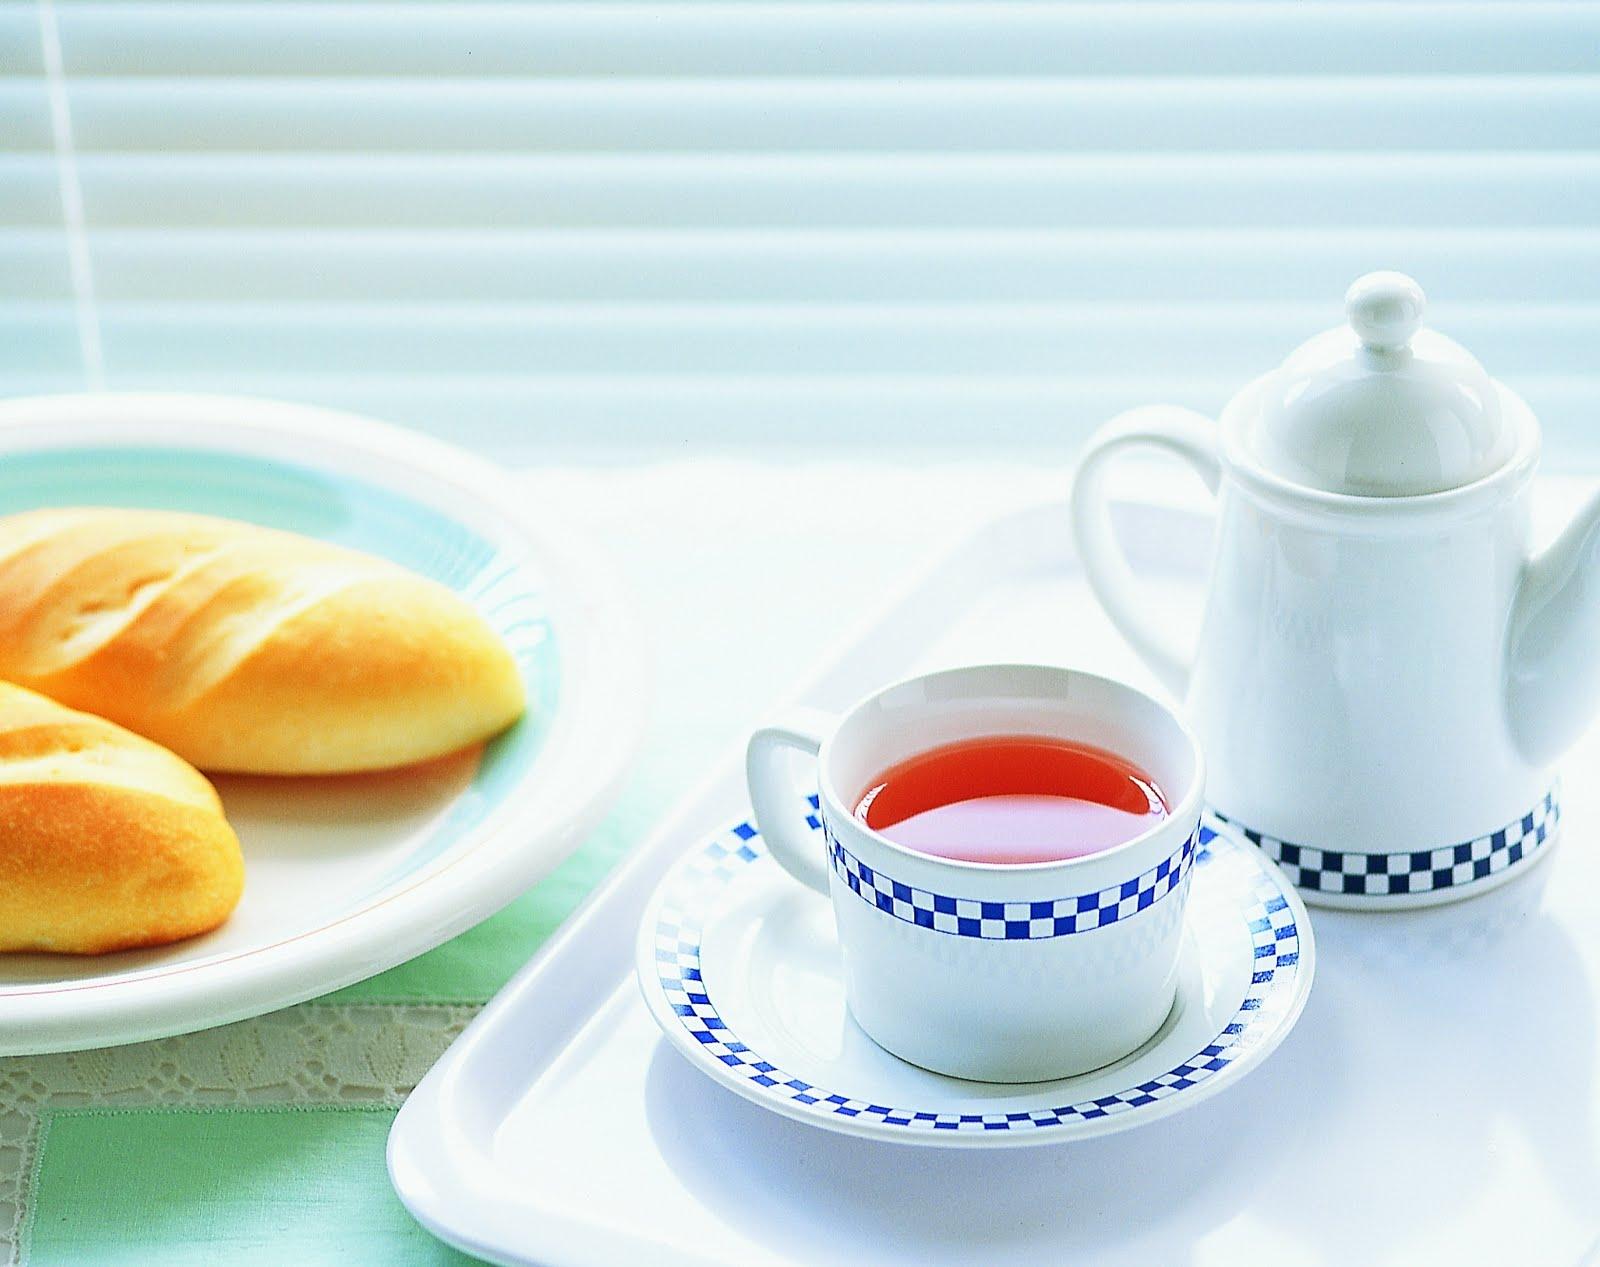 http://2.bp.blogspot.com/-DxGOs8lienk/UB88XNwdOSI/AAAAAAAAAcs/8DrMUCv0Ig4/s1600/good-morning-7.jpg